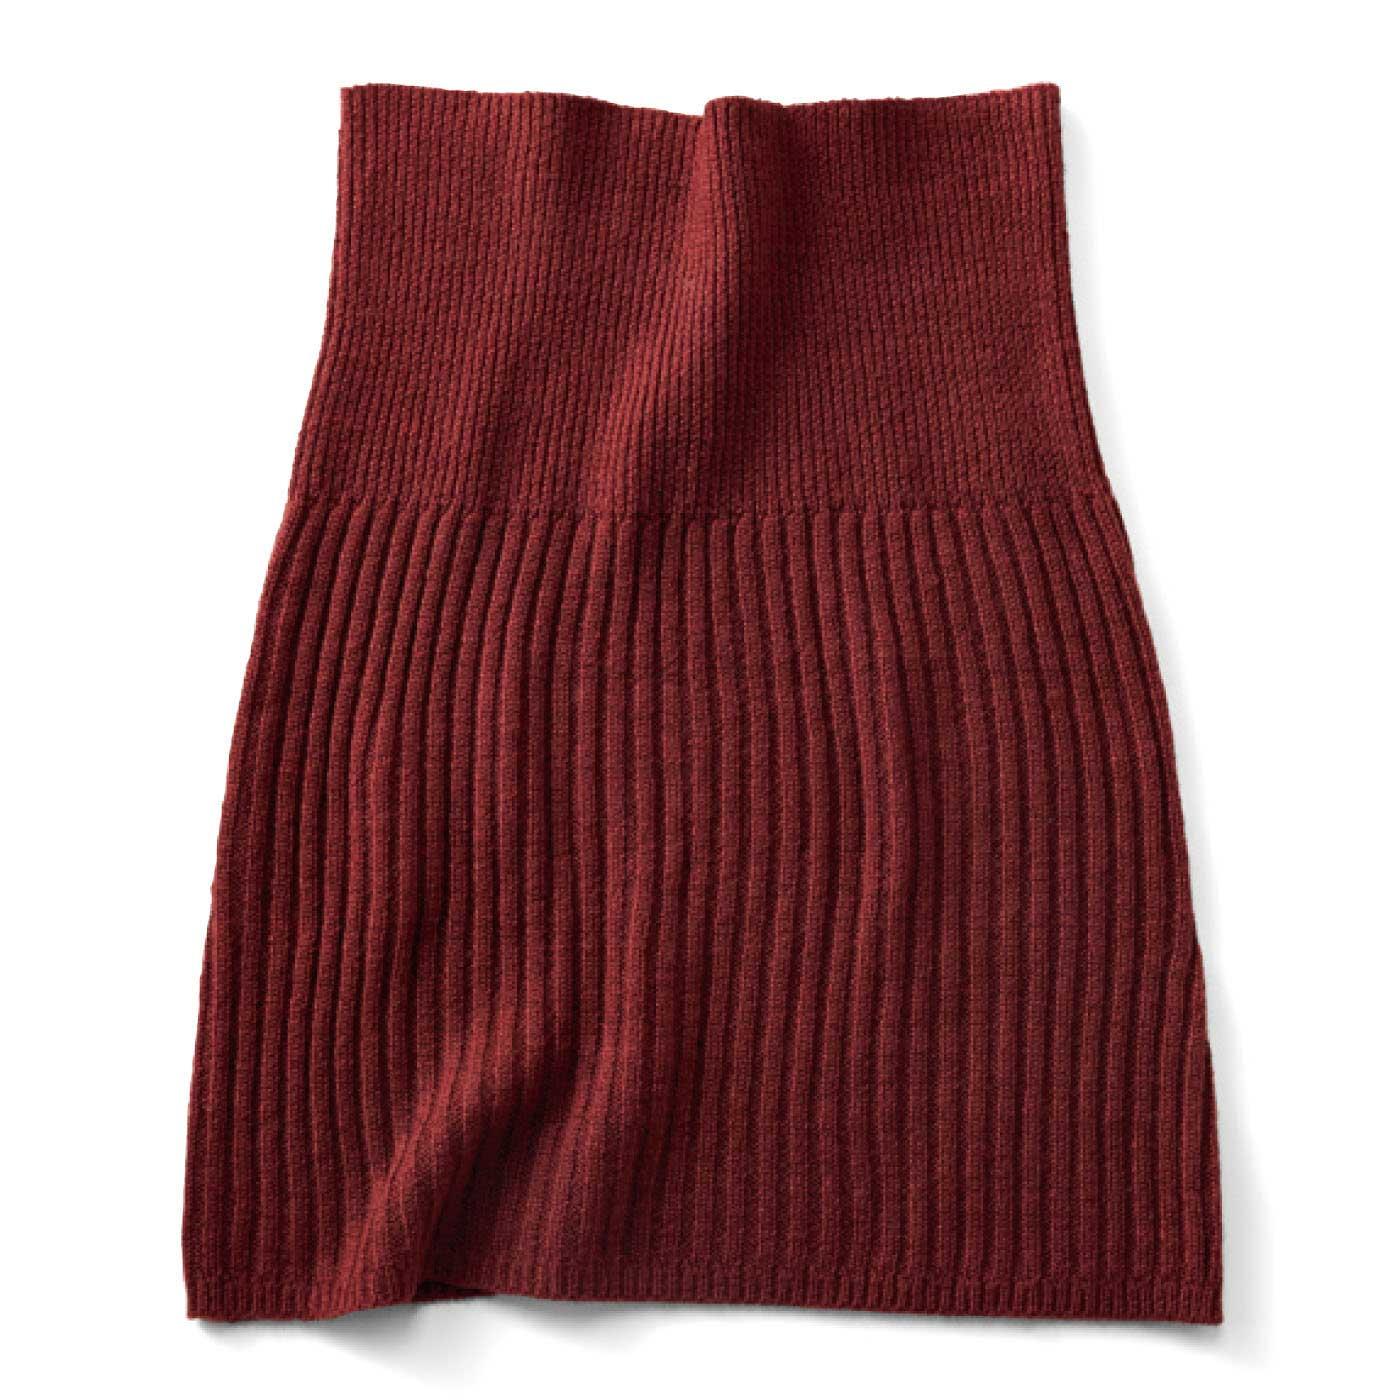 後ろは全面リブ編みですっきり。